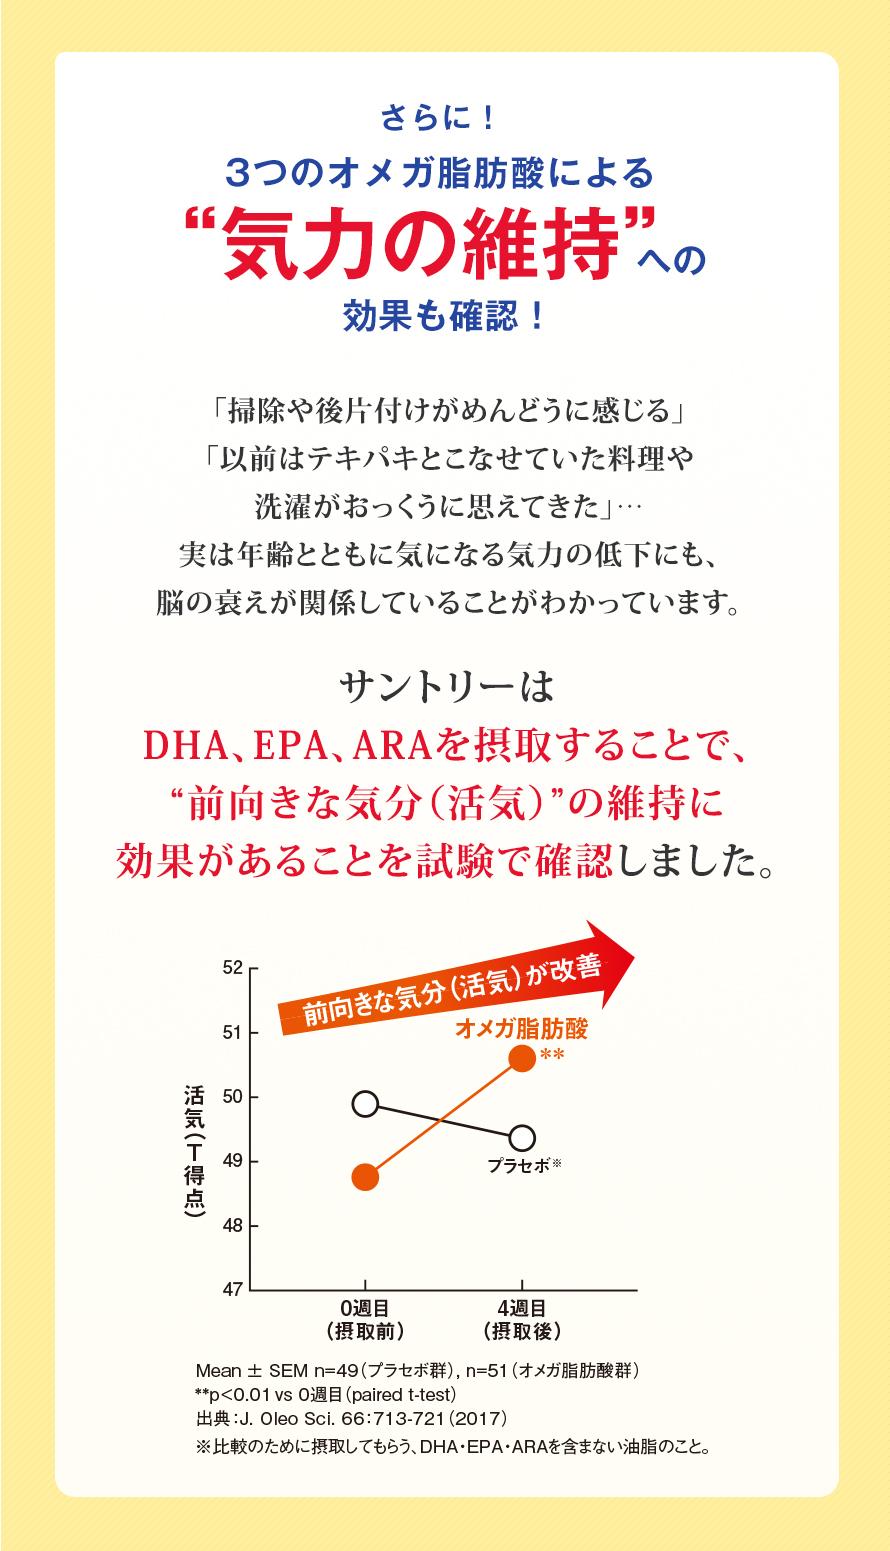 """さらに!3つのオメガ脂肪酸による""""気力の維持""""への効果も確認!「掃除や後片付けがめんどうに感じる」 「以前はテキパキとこなせていた料理や 洗濯がおっくうに思えてきた」… 実は年齢とともに気になる気力の低下にも、 脳の衰えが関係していることがわかっています。 サントリーは DHA、EPA、ARAを摂取することで、 """"前向きな気分(活気)""""の維持に 効果があることを試験で確認しました。前向きな気分(活気)が改善"""